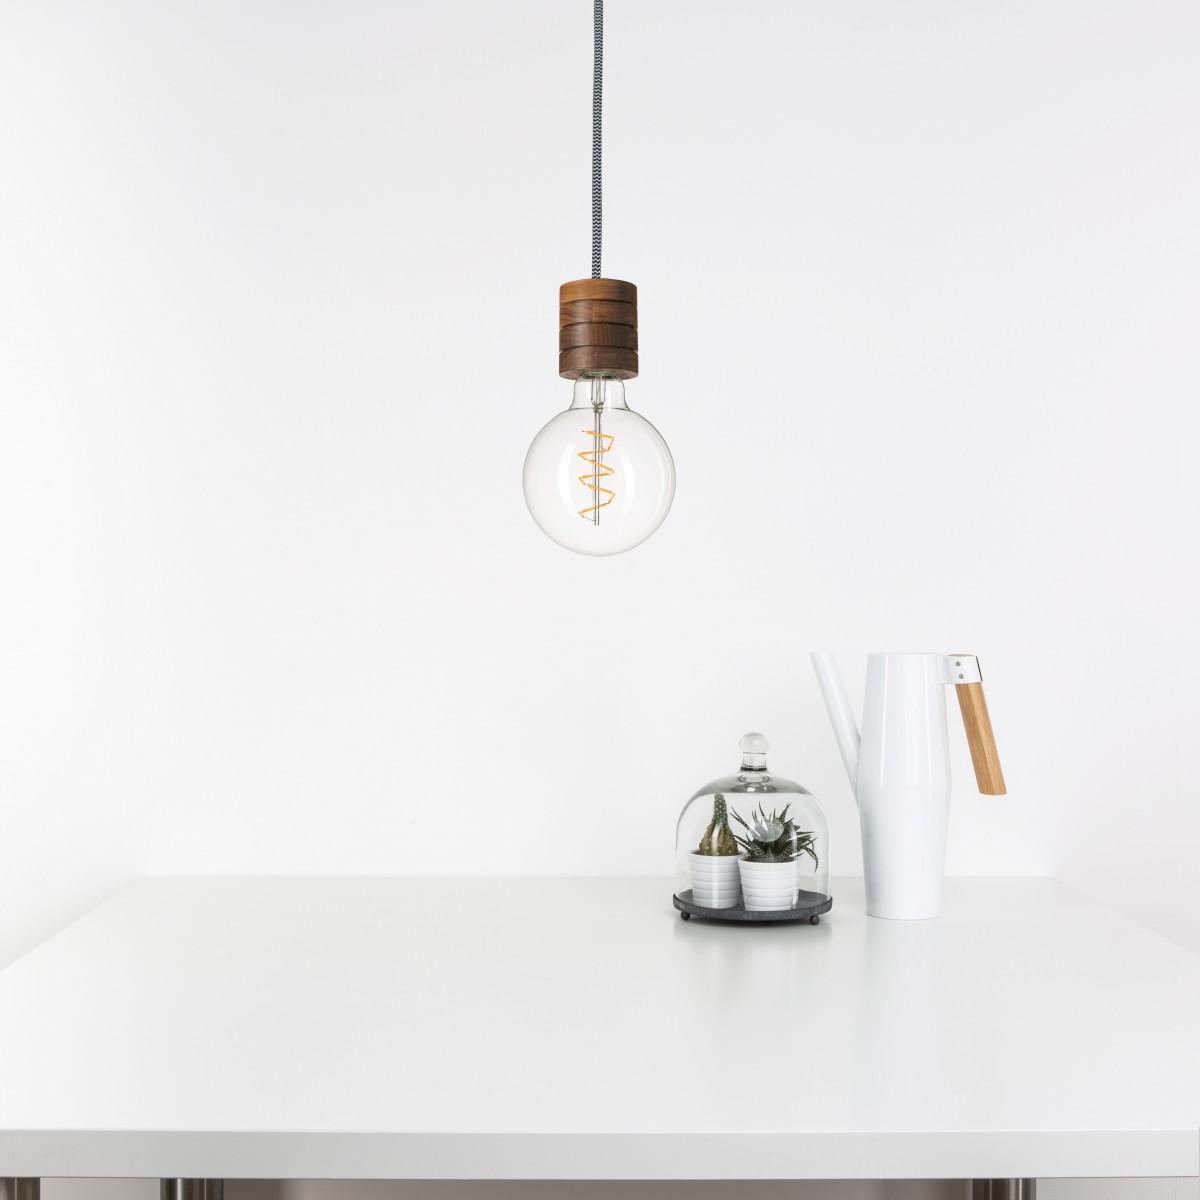 Pendelleuchte Fafoo in Nussbaum mit stylischer Edison Spiral LED im Retro Design und nur 1,8 Watt